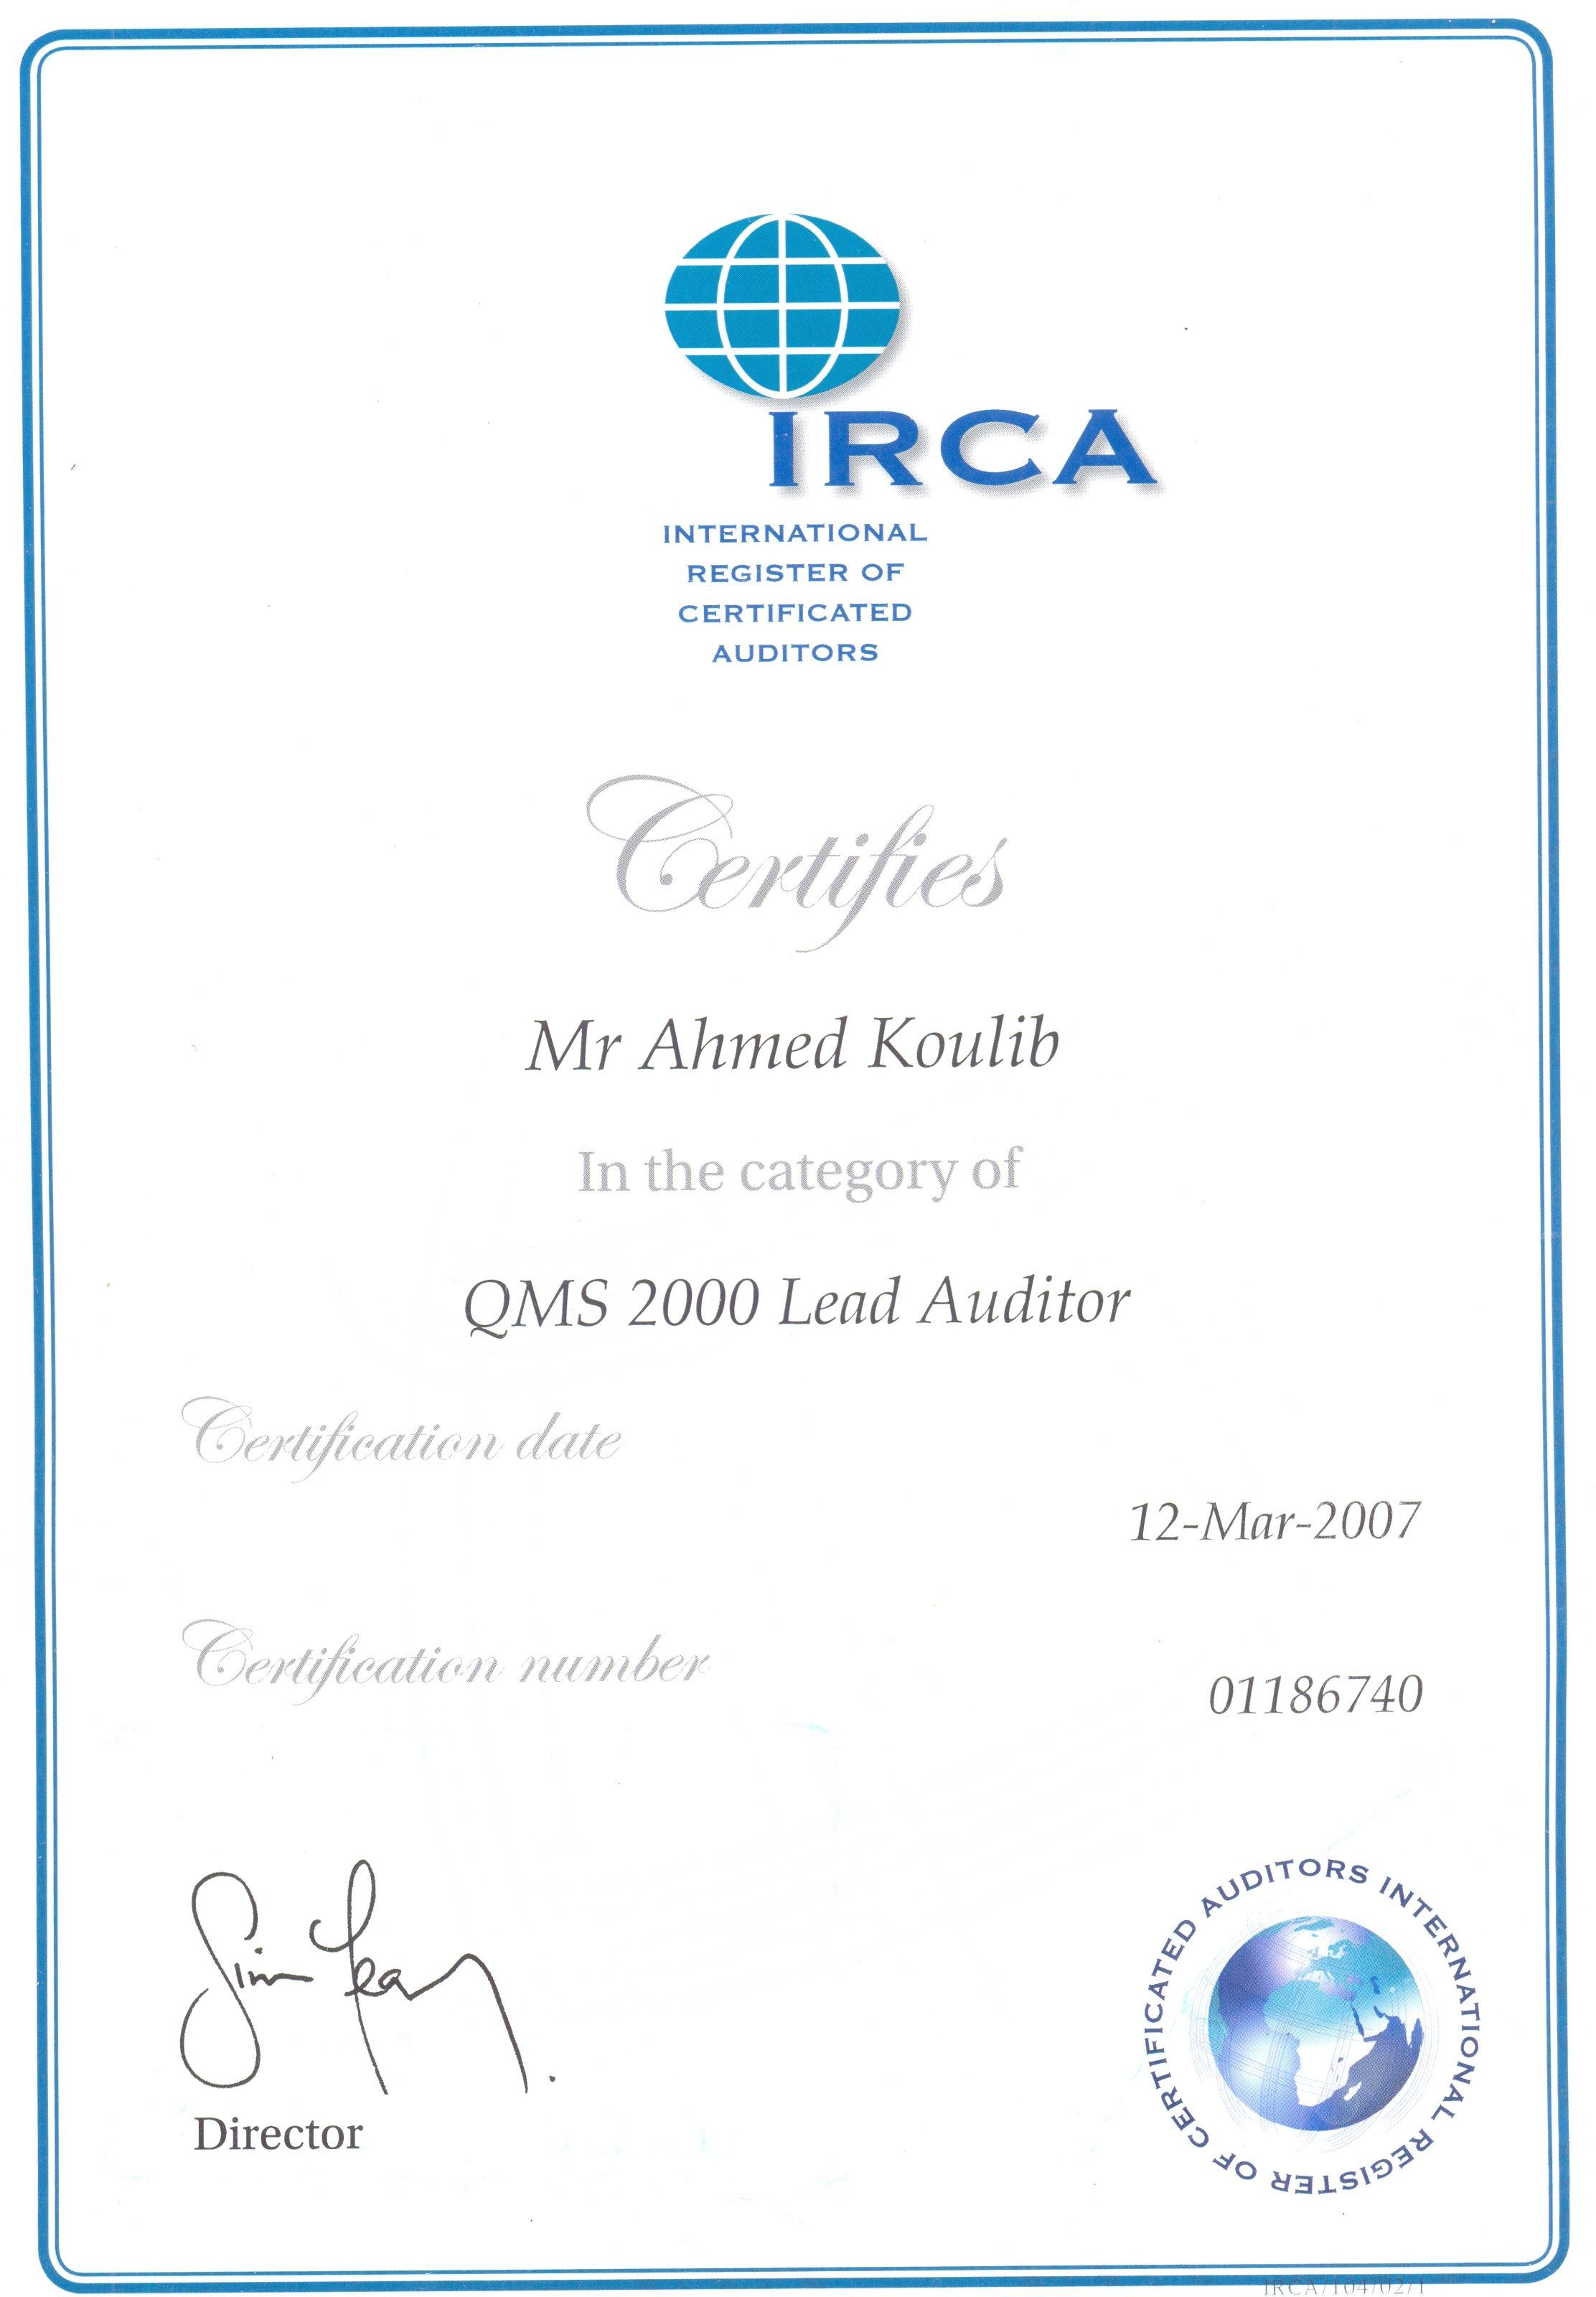 Ahmed farouk koulib bayt iso 90002000 series auditorlead auditors certificate xflitez Gallery